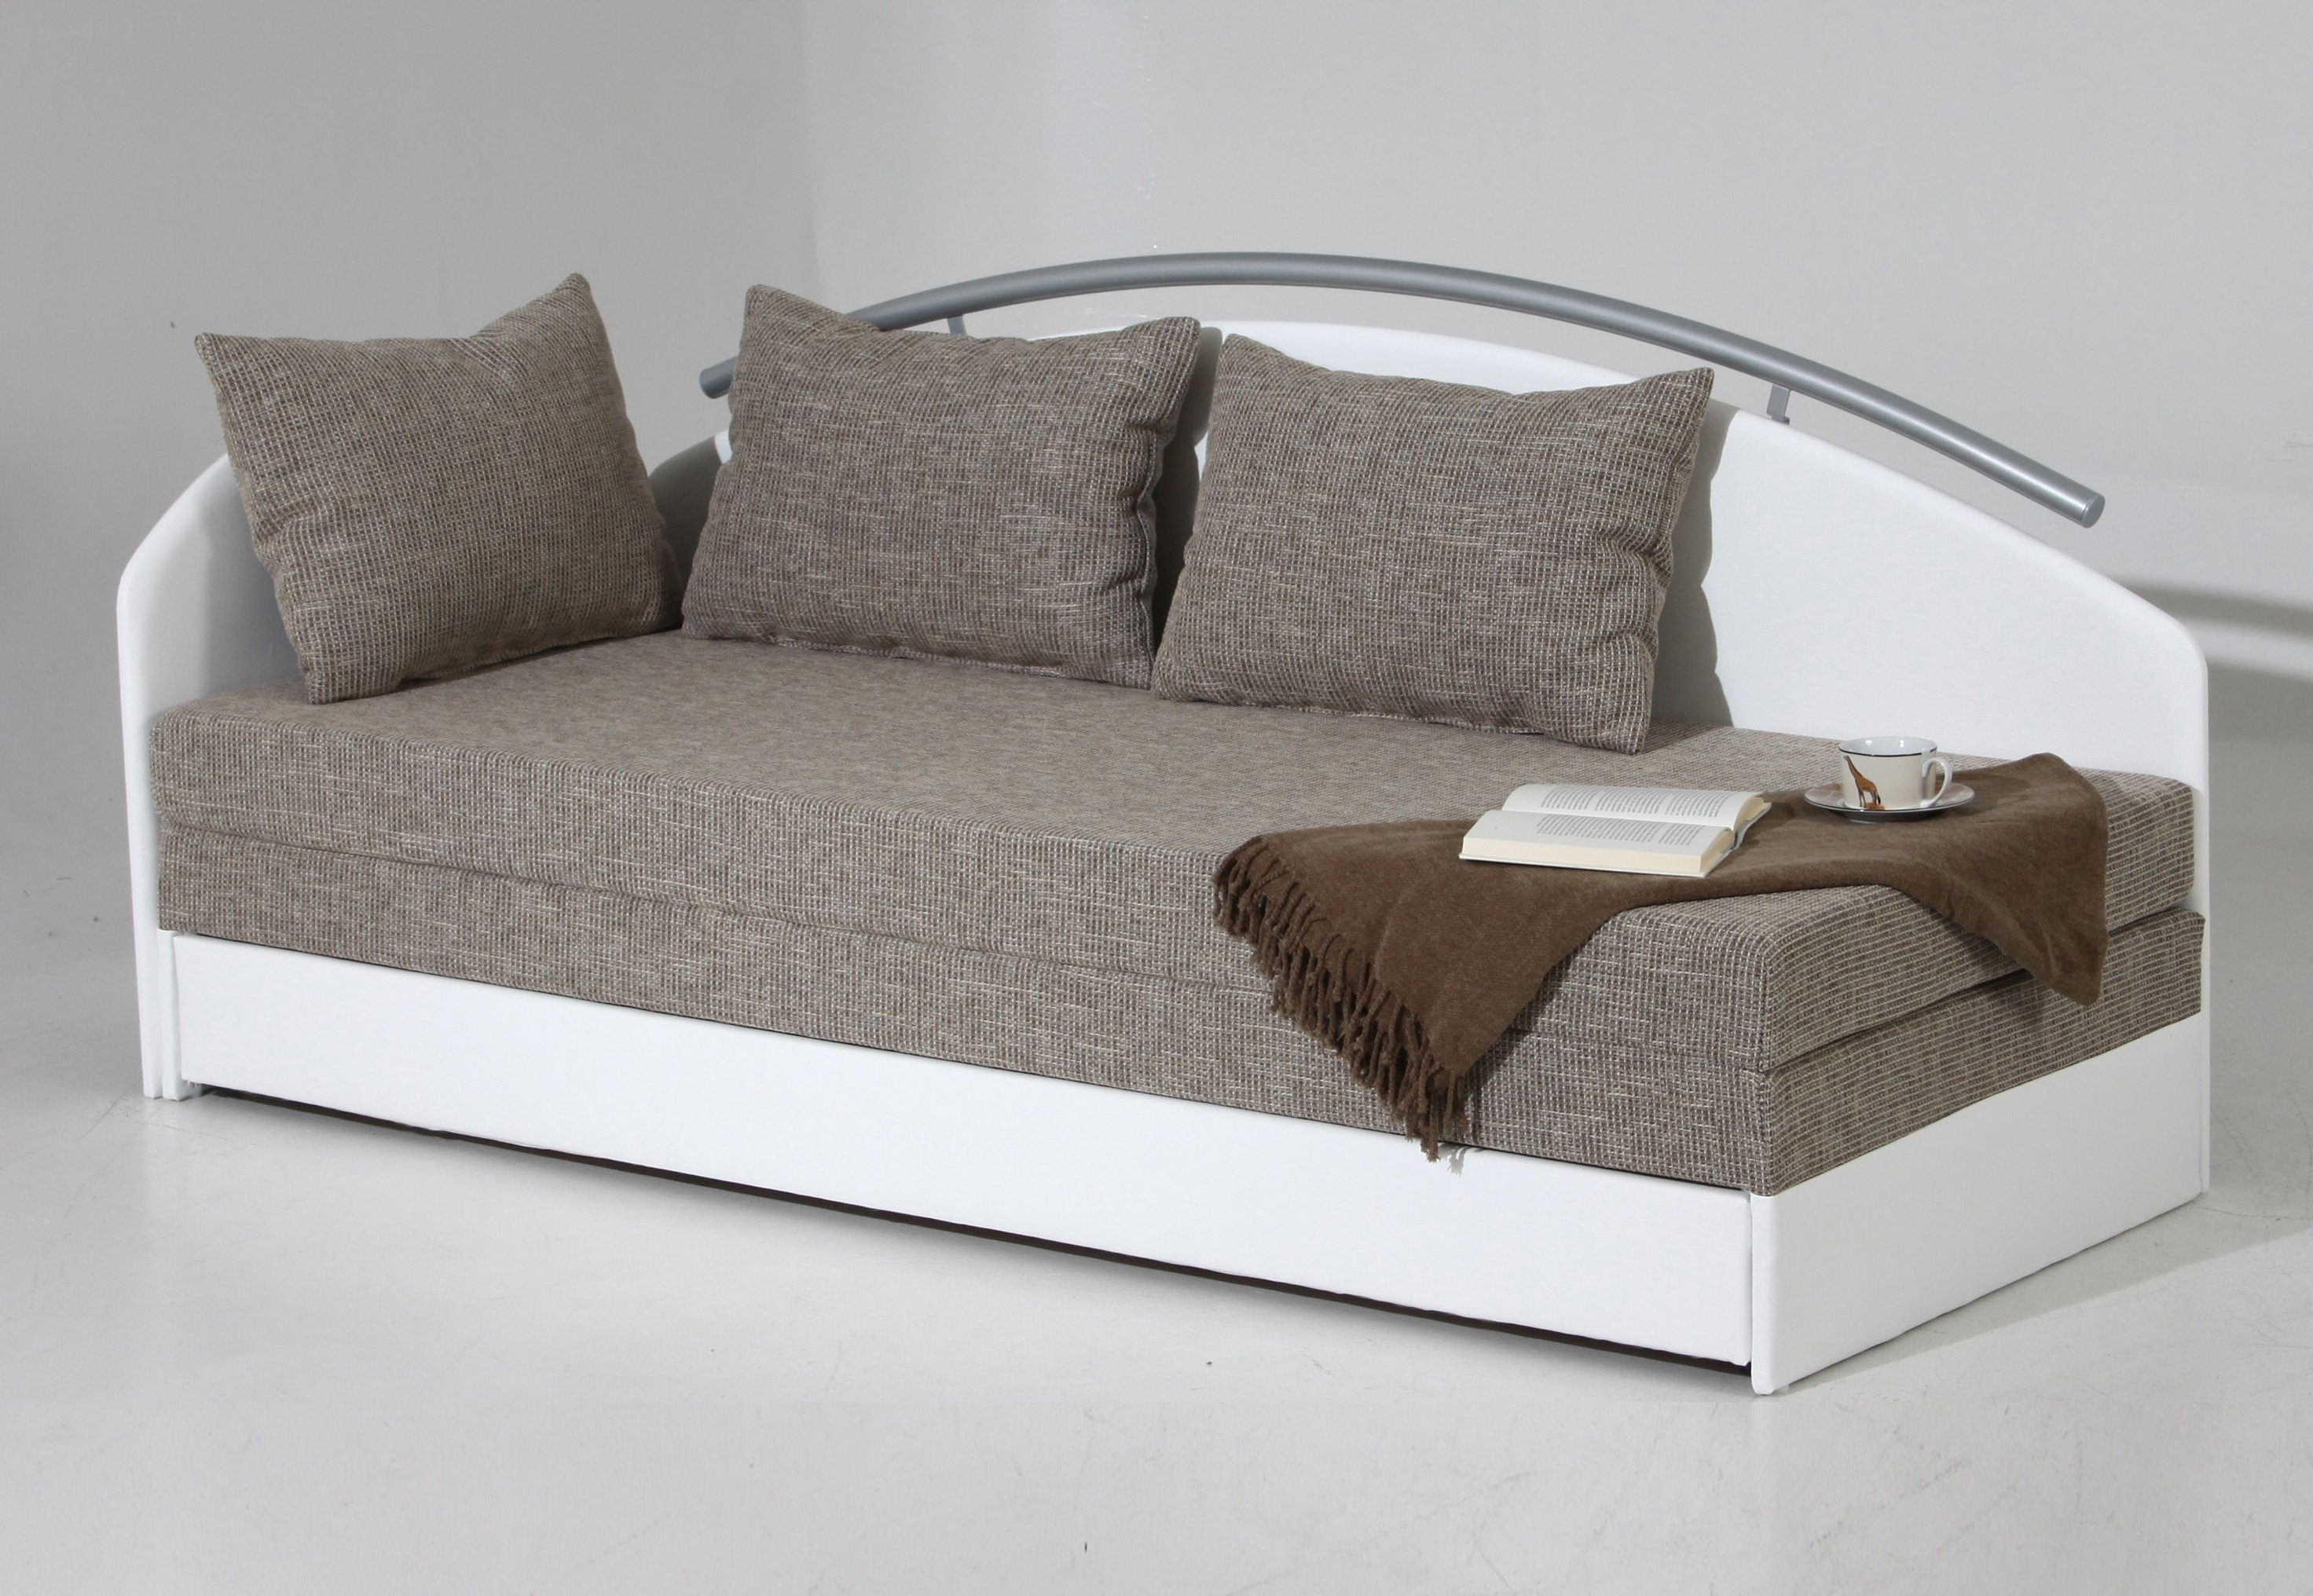 Matras 70x150 Ikea : Luxe bedbanken matras 70150 ikea luxe emma bedbank great zoelen